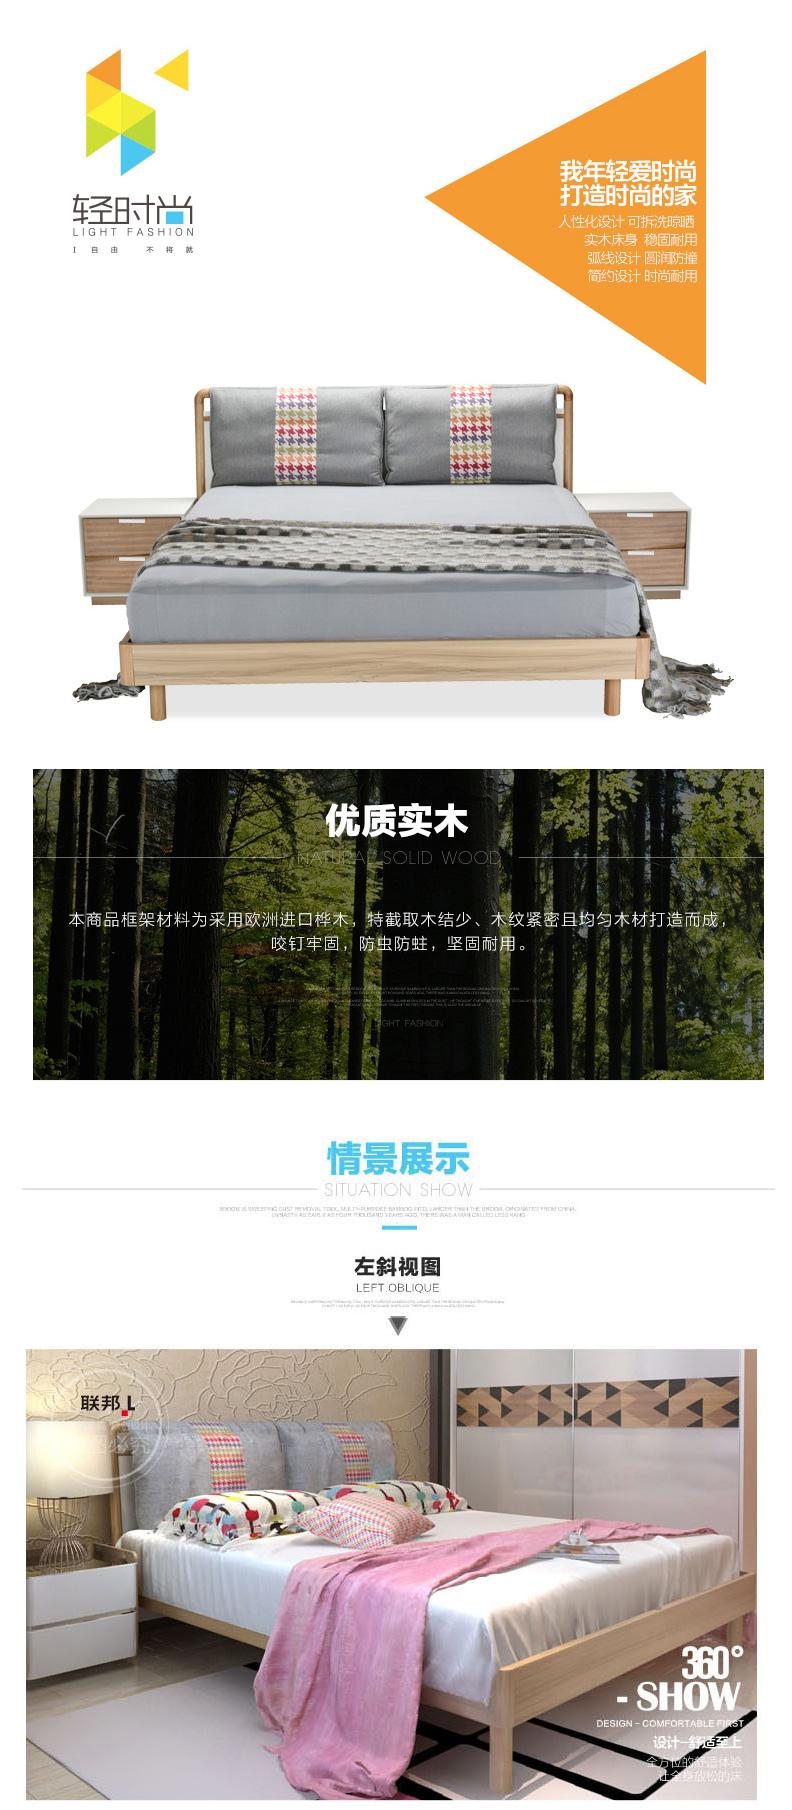 联邦家具-北欧风格软靠实木床1_01.jpg